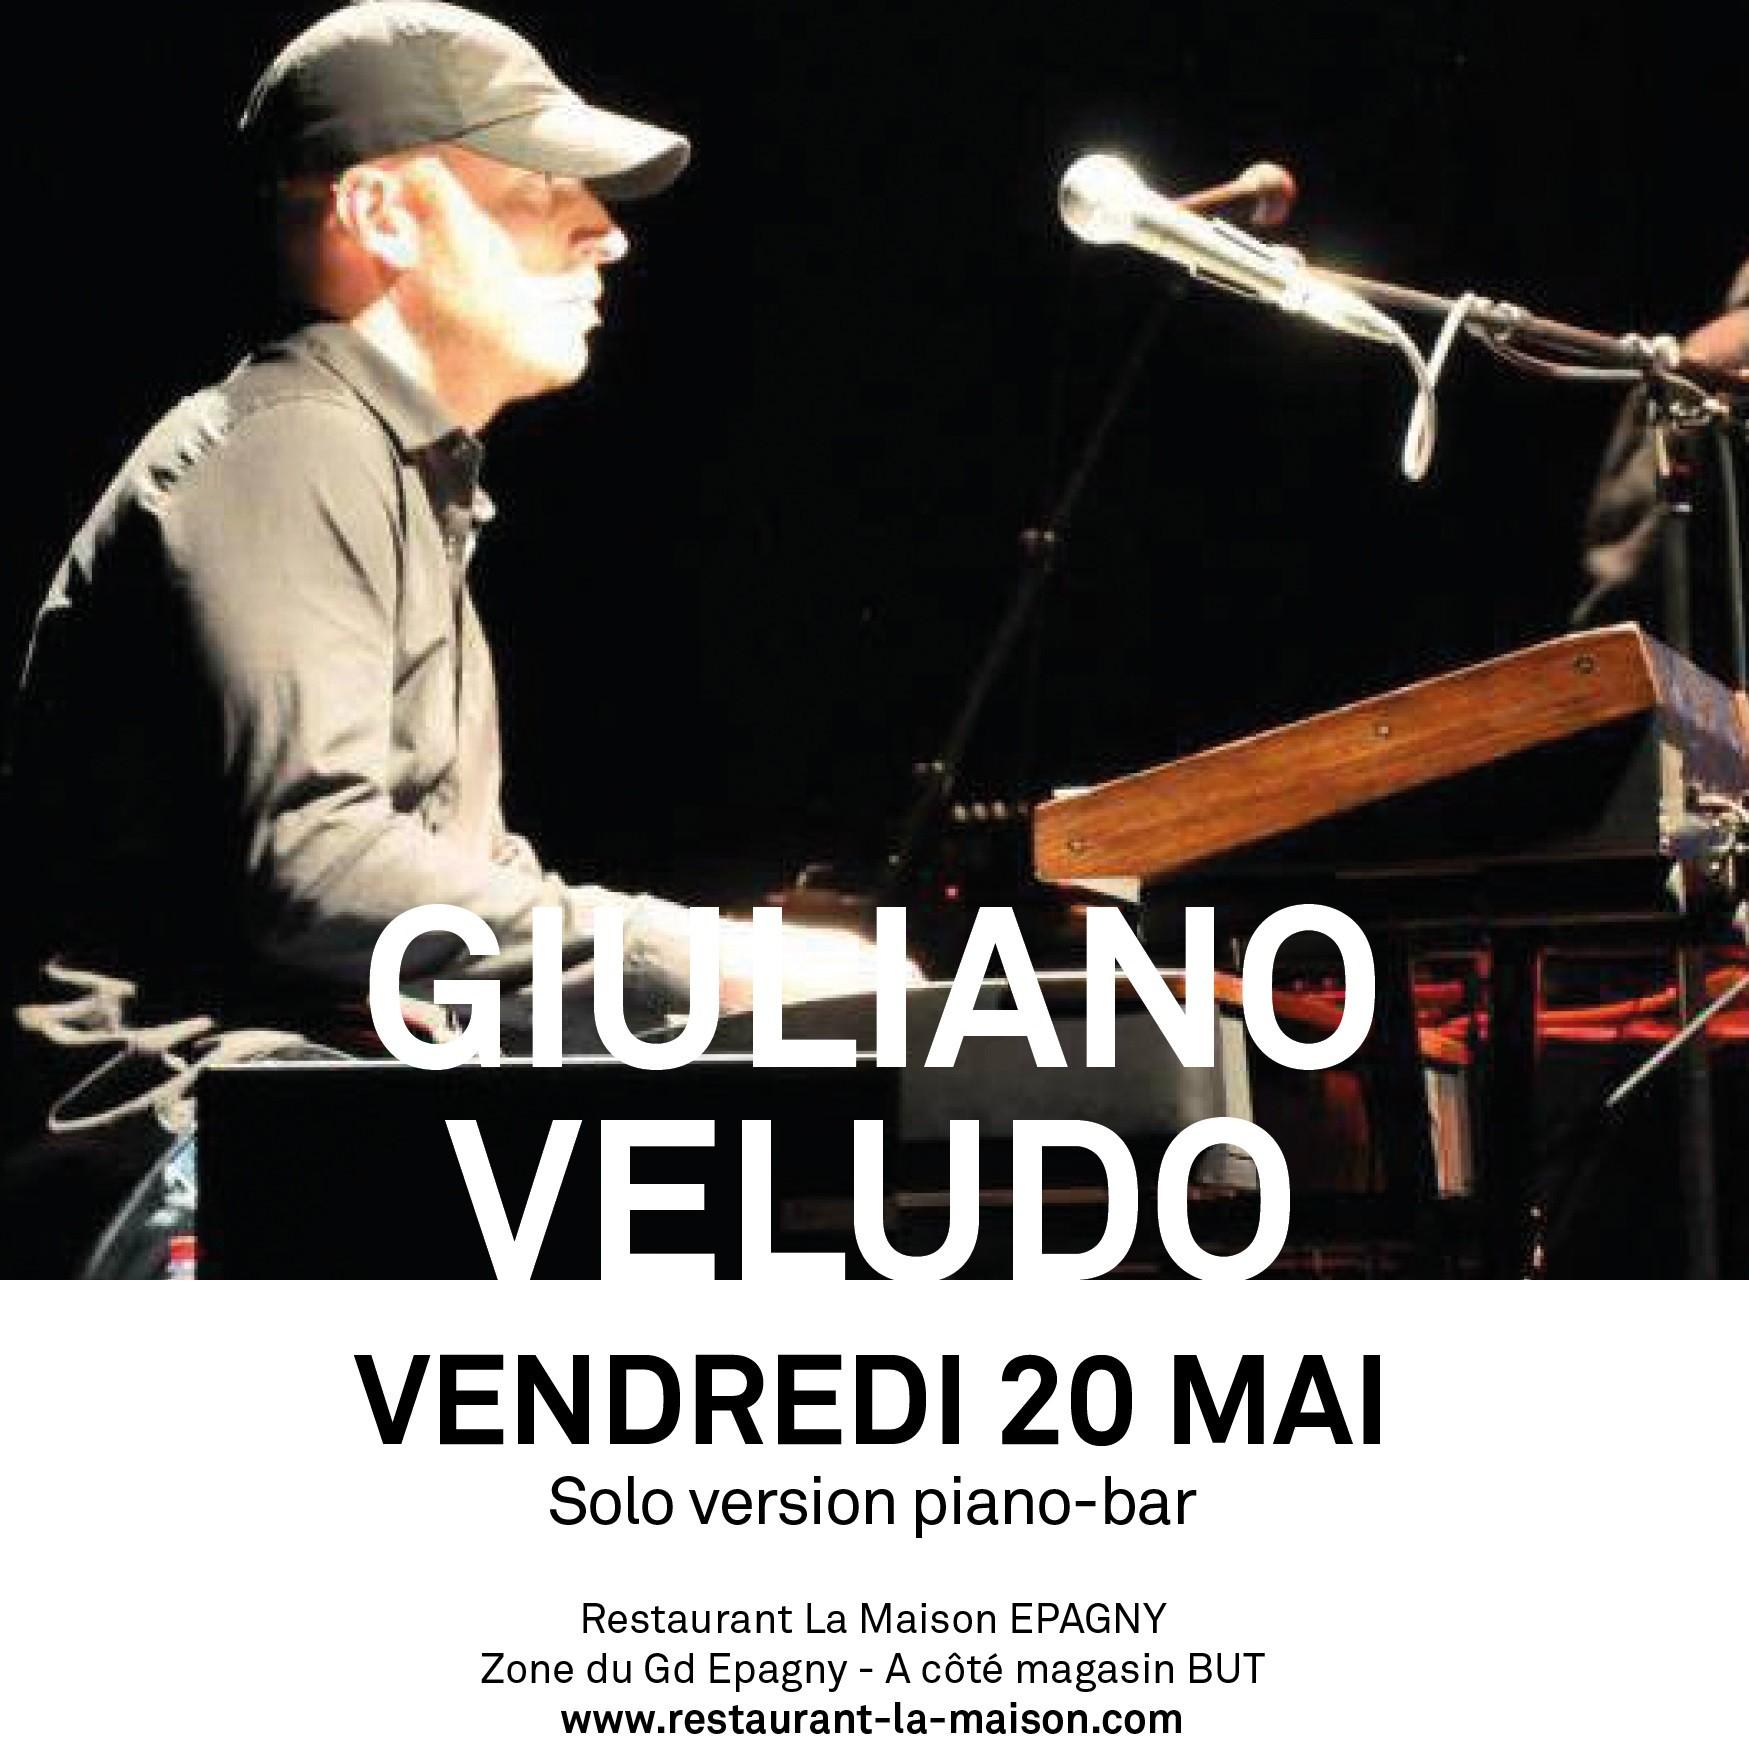 Concert de Giuliano Veludo